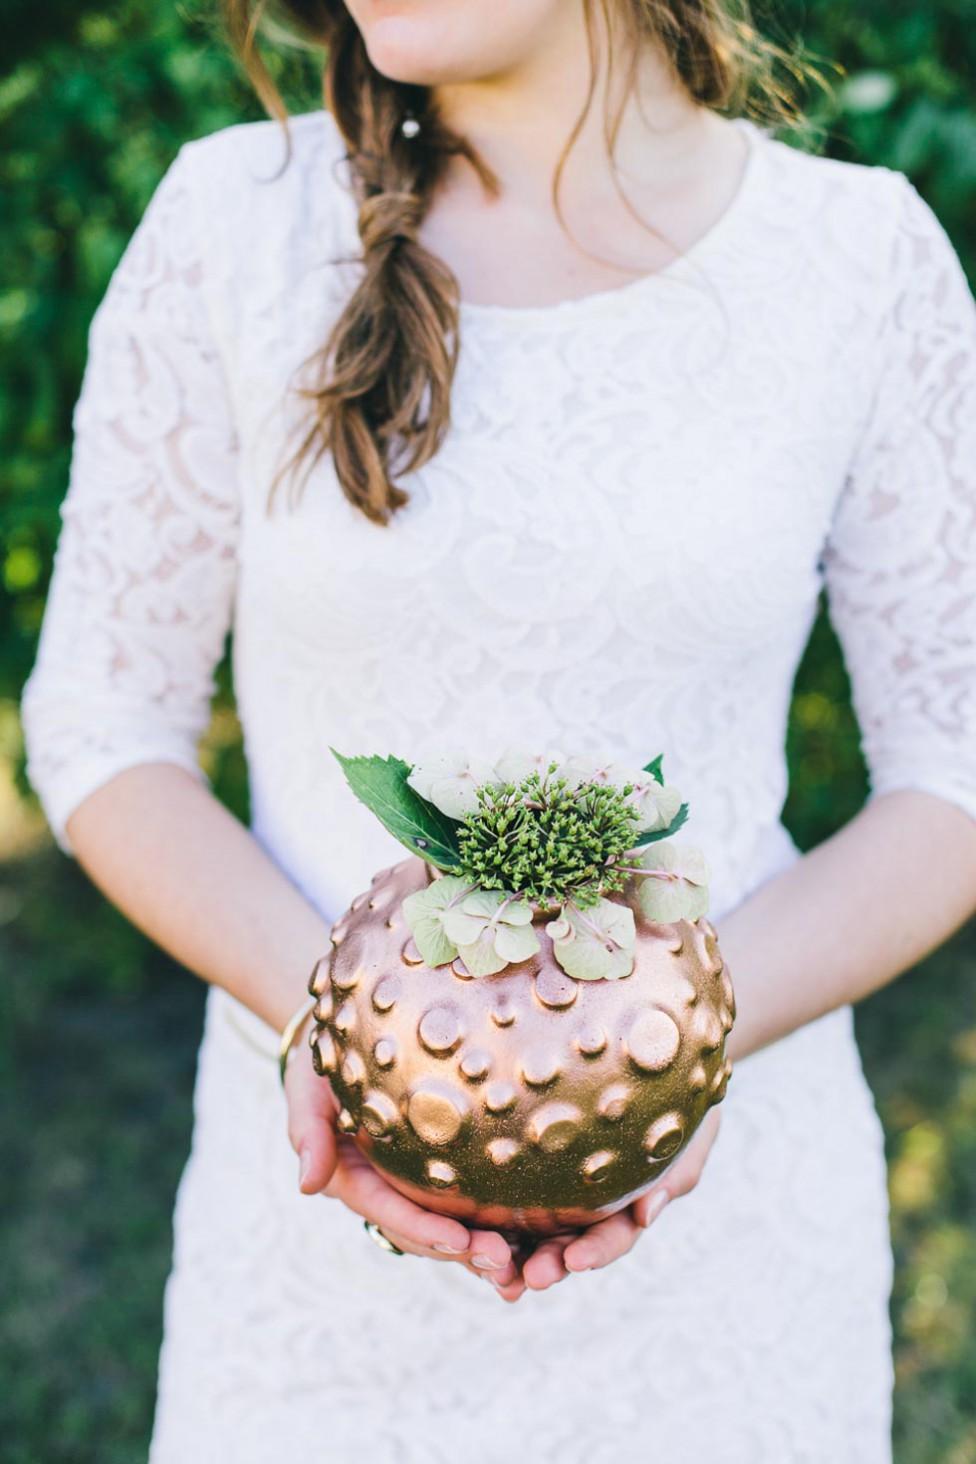 Missing the frog – Eine kupferfarbene Hochzeitsinspiration von VergissMeinNicht Fotografie   Sarina Kullmann